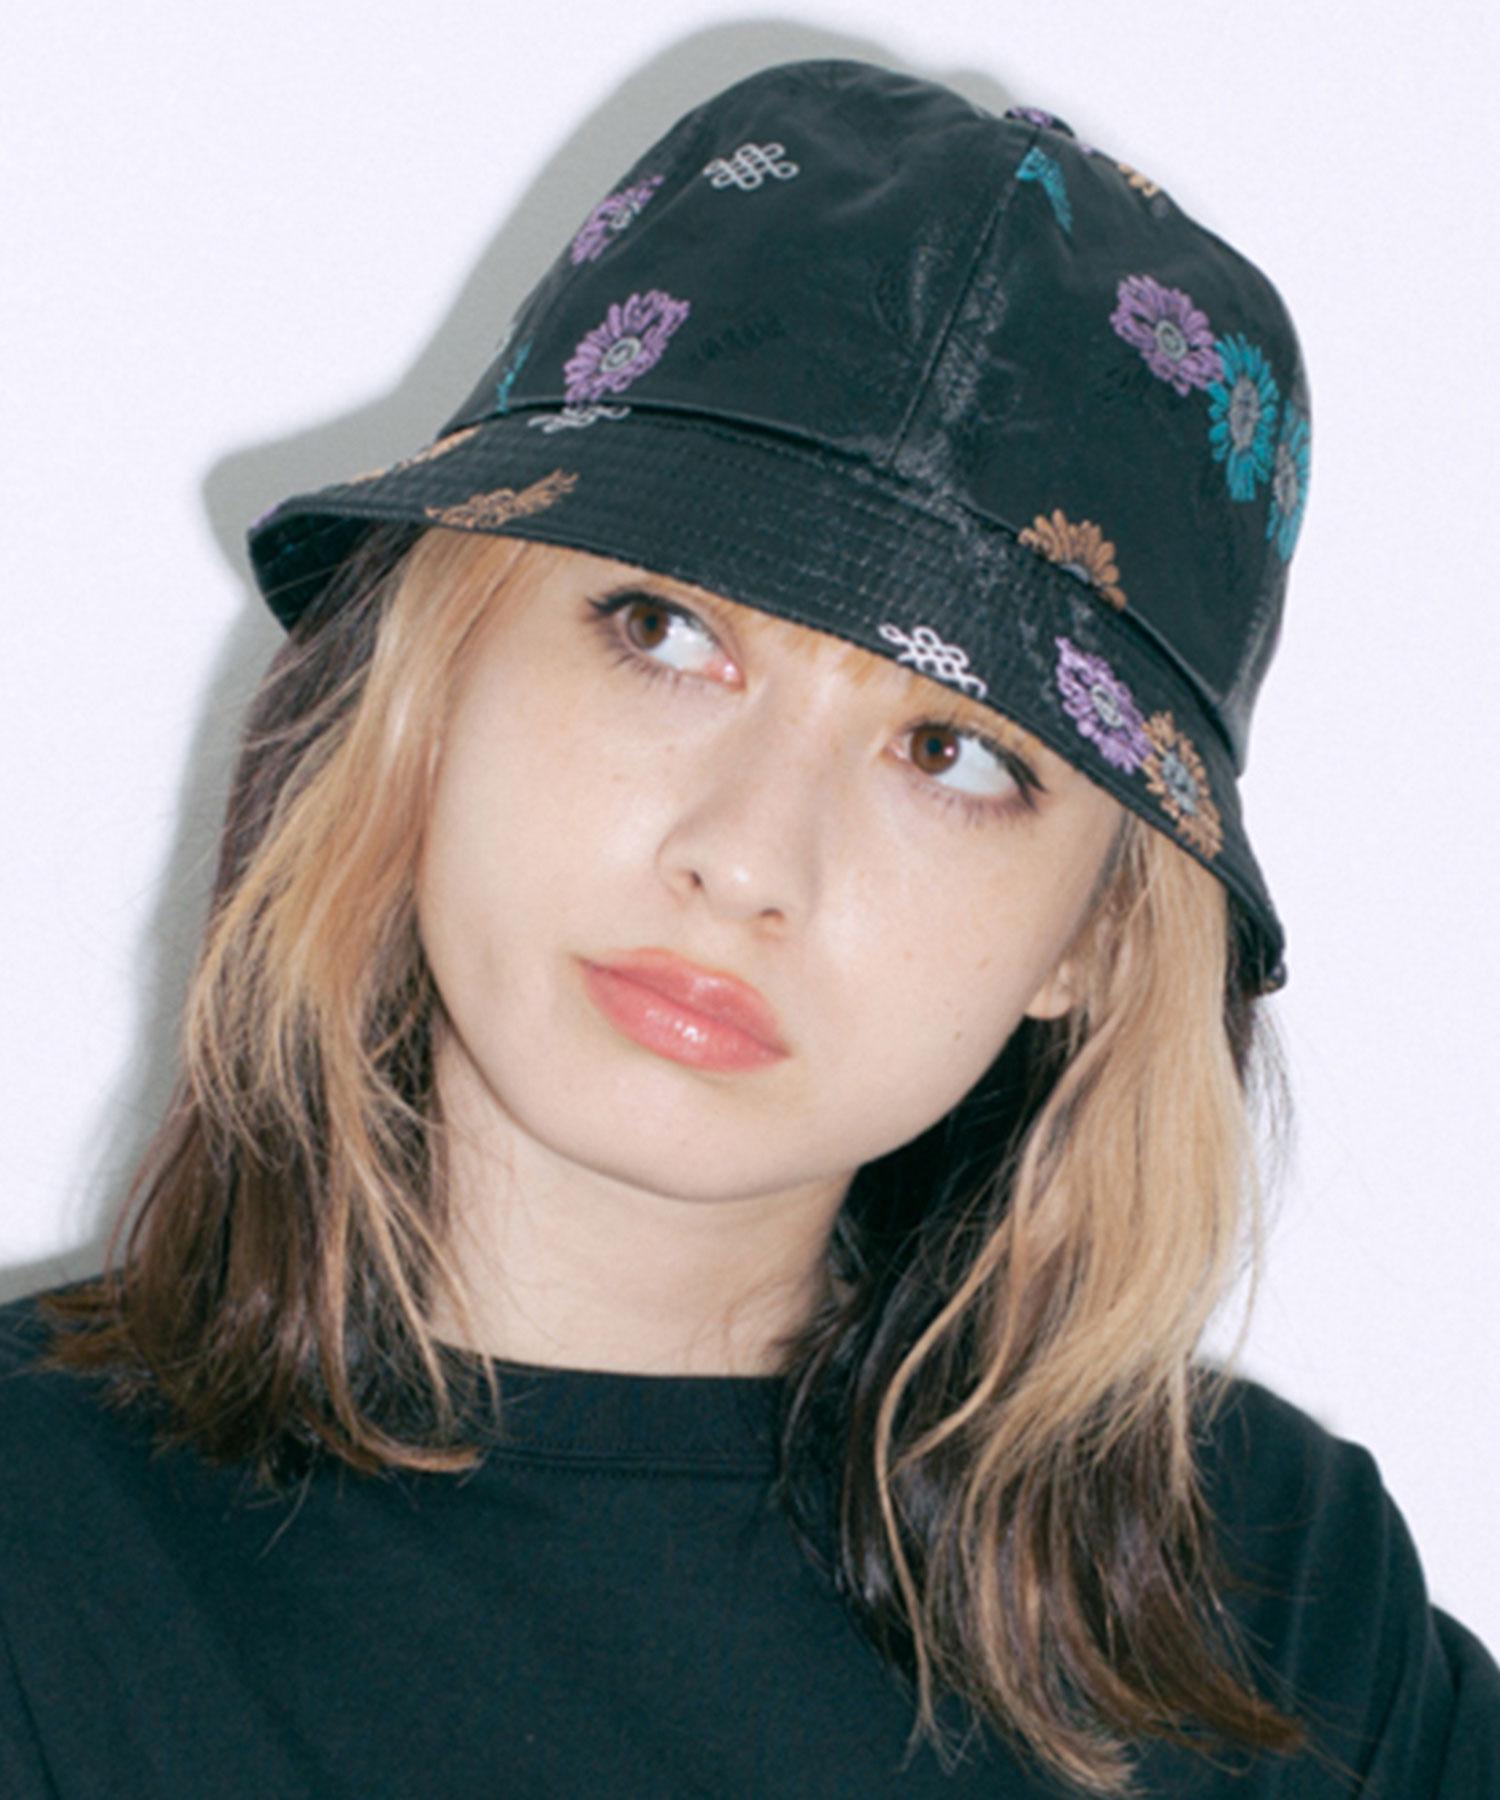 XLARGE X-girl公式SHOP 10 000円 税込 以上で送料無料 帽子 ハット 公式 X-girl 期間限定で特別価格 バケットハット JACQUARD エックスガール METRO CHINESE 買物 チャイニーズ HAT チャイナ ツバ ジャガード